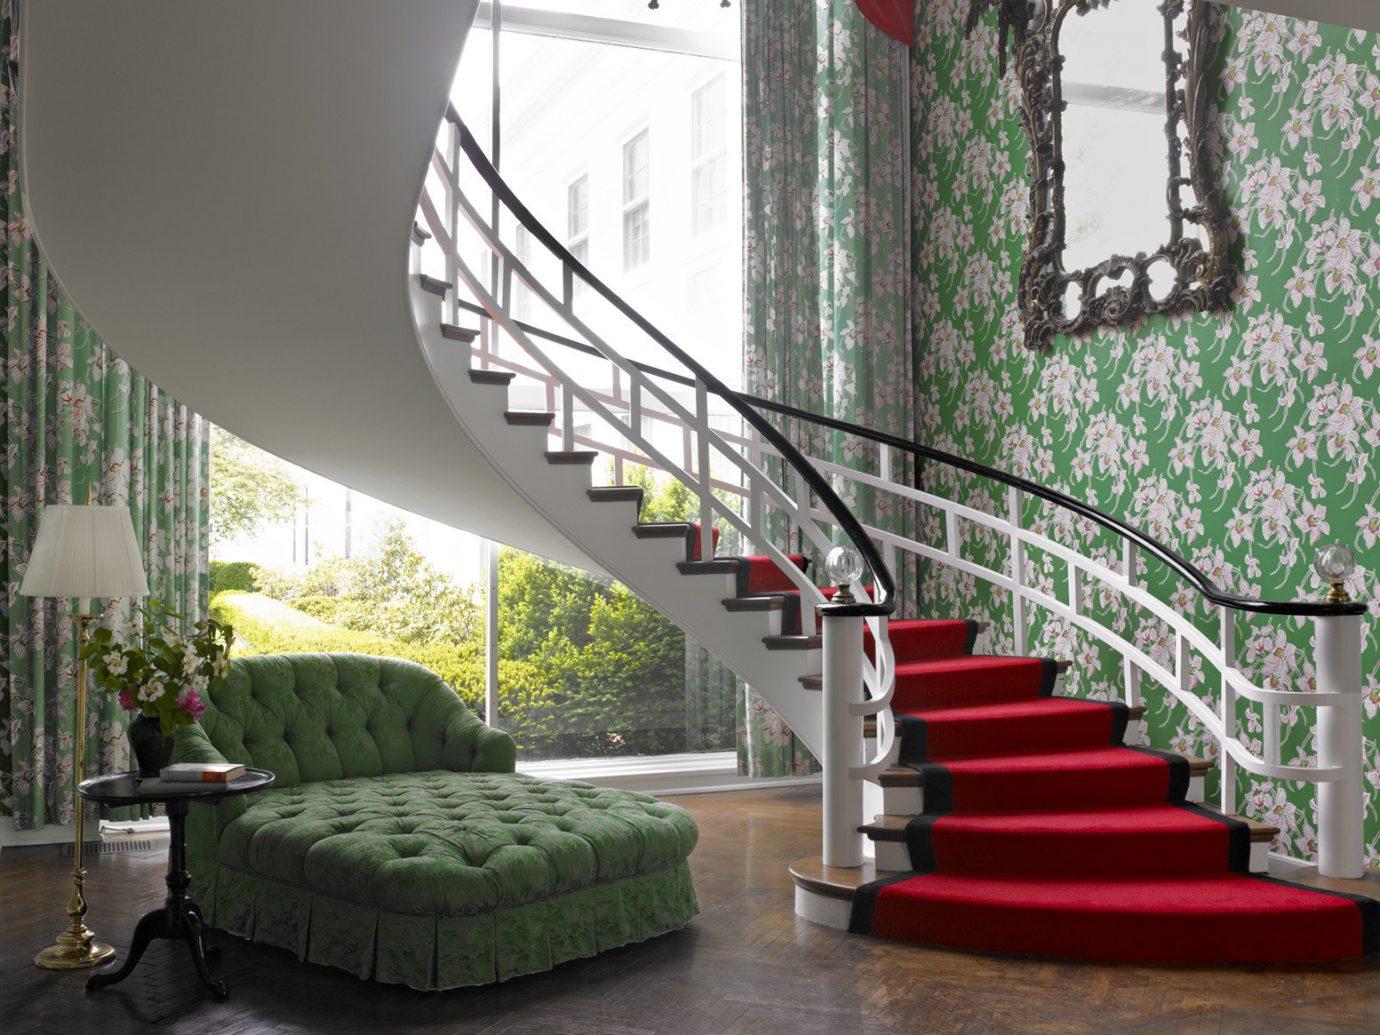 Trip Ideas stairs Architecture interior design Design furniture estate living room decorated